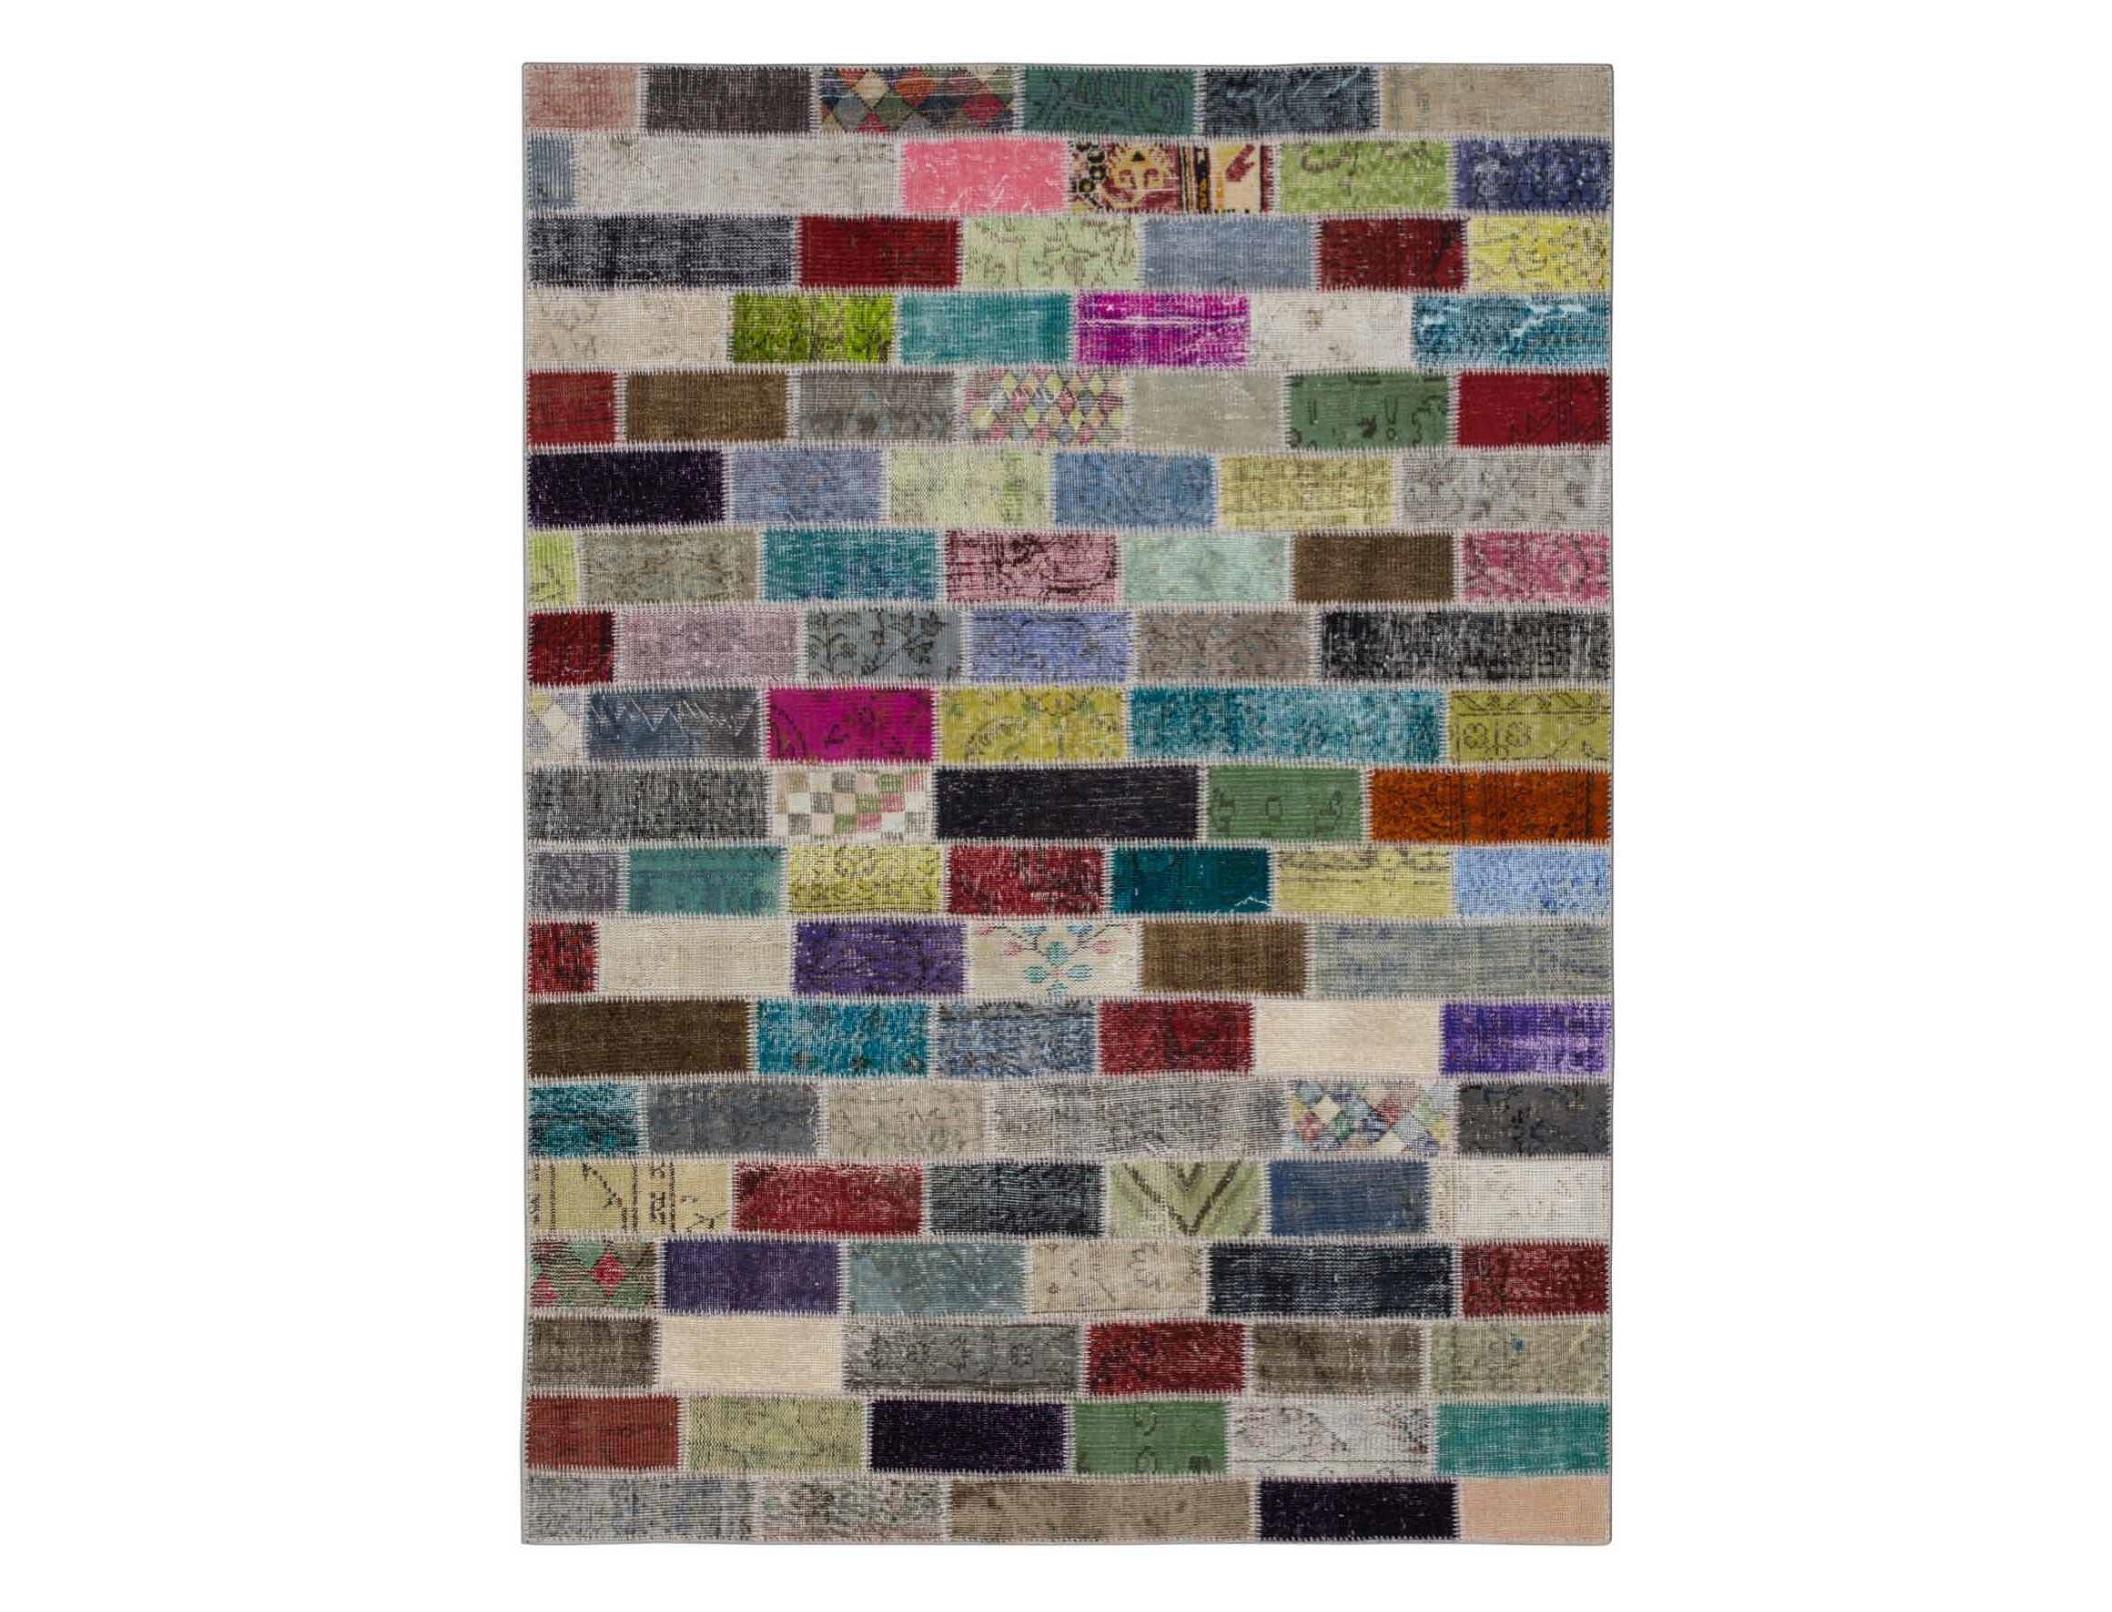 Ковер PatchworkПрямоугольные ковры<br>Винтажный ковер ручной работы в стиле &amp;quot;пэчворк&amp;quot; <br>из 100% шерсти. Ковер прекрасно подходит в <br>любые современные и классические интерьеры, <br>а благодаря толщине ковра всего 5 мм и отсутствию <br>ворса, его легко чистить любыми видами пылесосов. <br>Этот настоящий ковер ручной работы не потеряет <br>своих красок и будет служить десятилетия.<br><br>Material: Шерсть<br>Ширина см: 171<br>Глубина см: 233